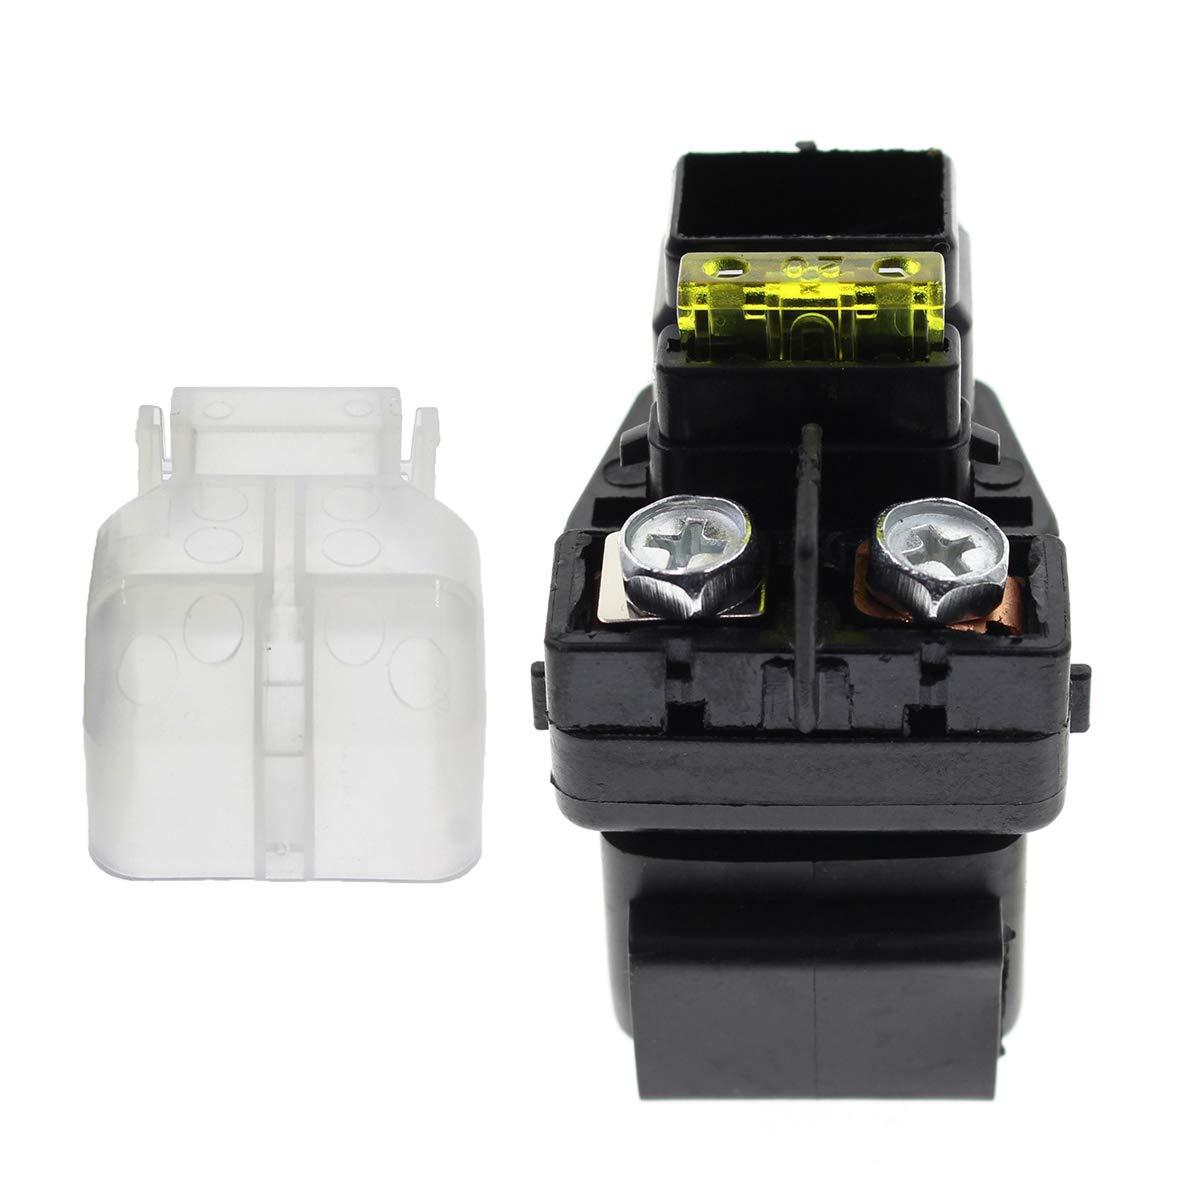 Carbhub Starter Solenoid Relay for Arctic Cat 375 400 500 Suzuki LTA500 LTF500 ATV UTV